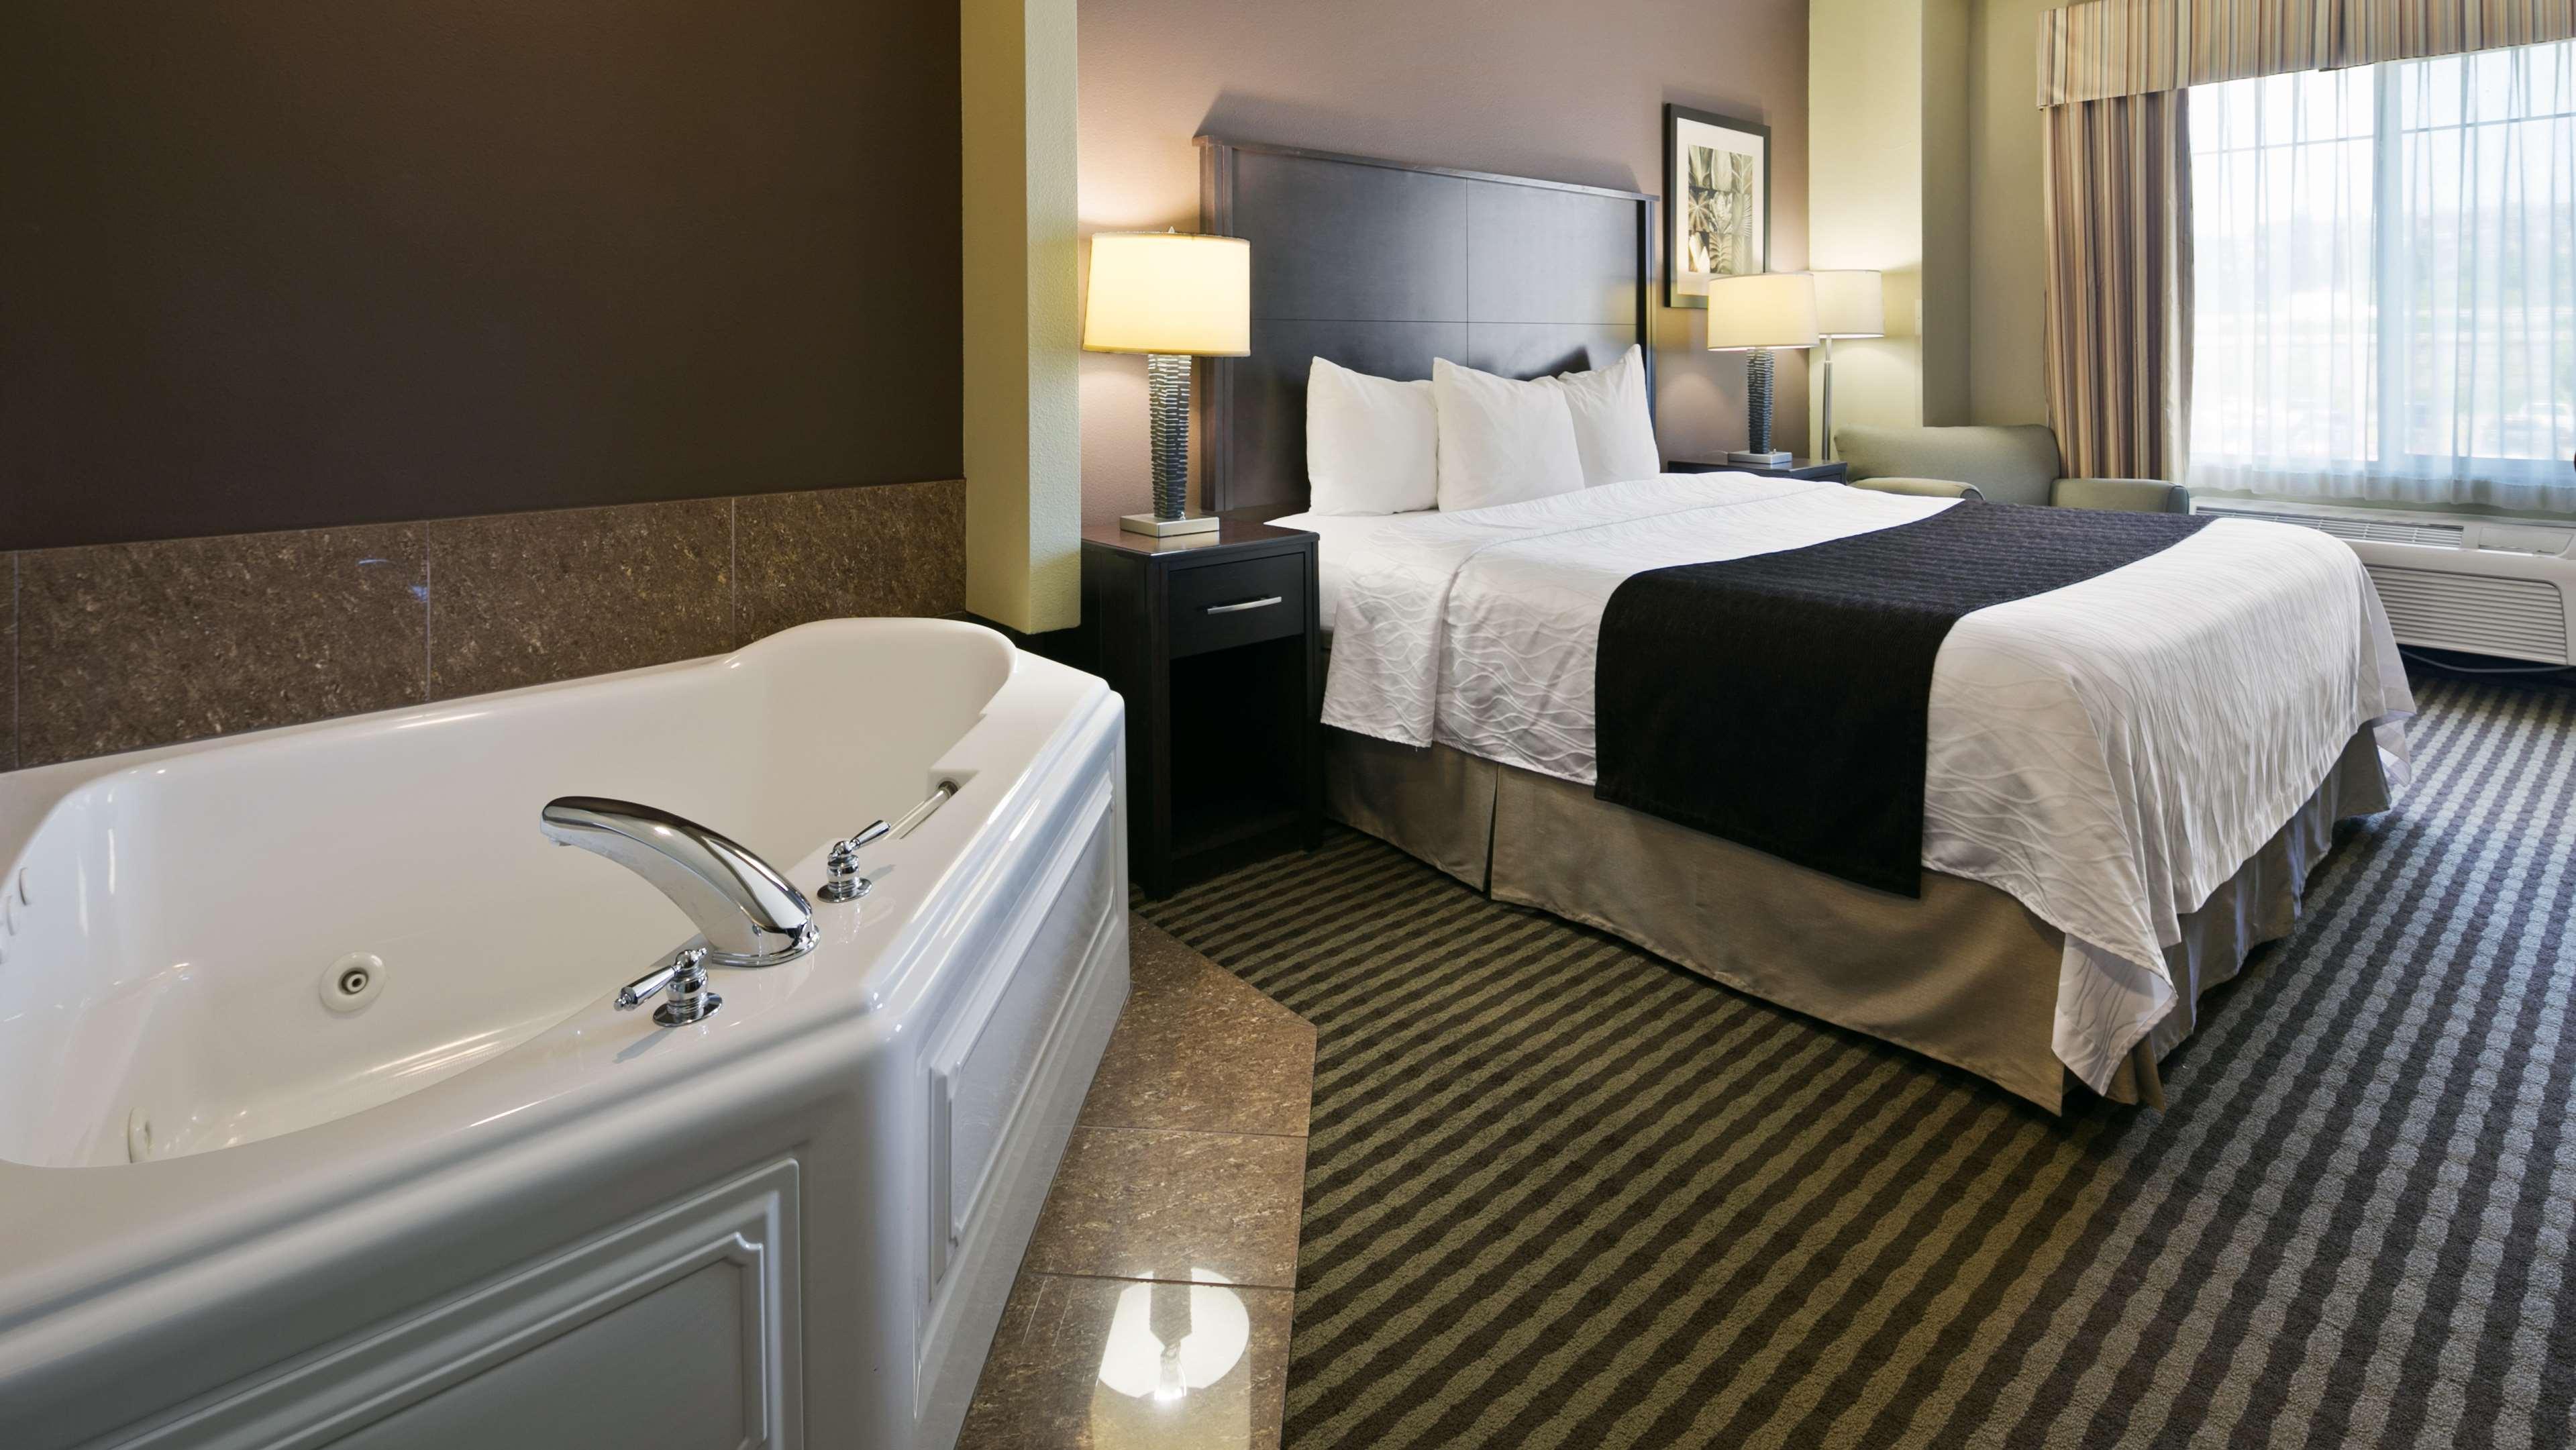 Best Western Plus Parkersville Inn & Suites image 21